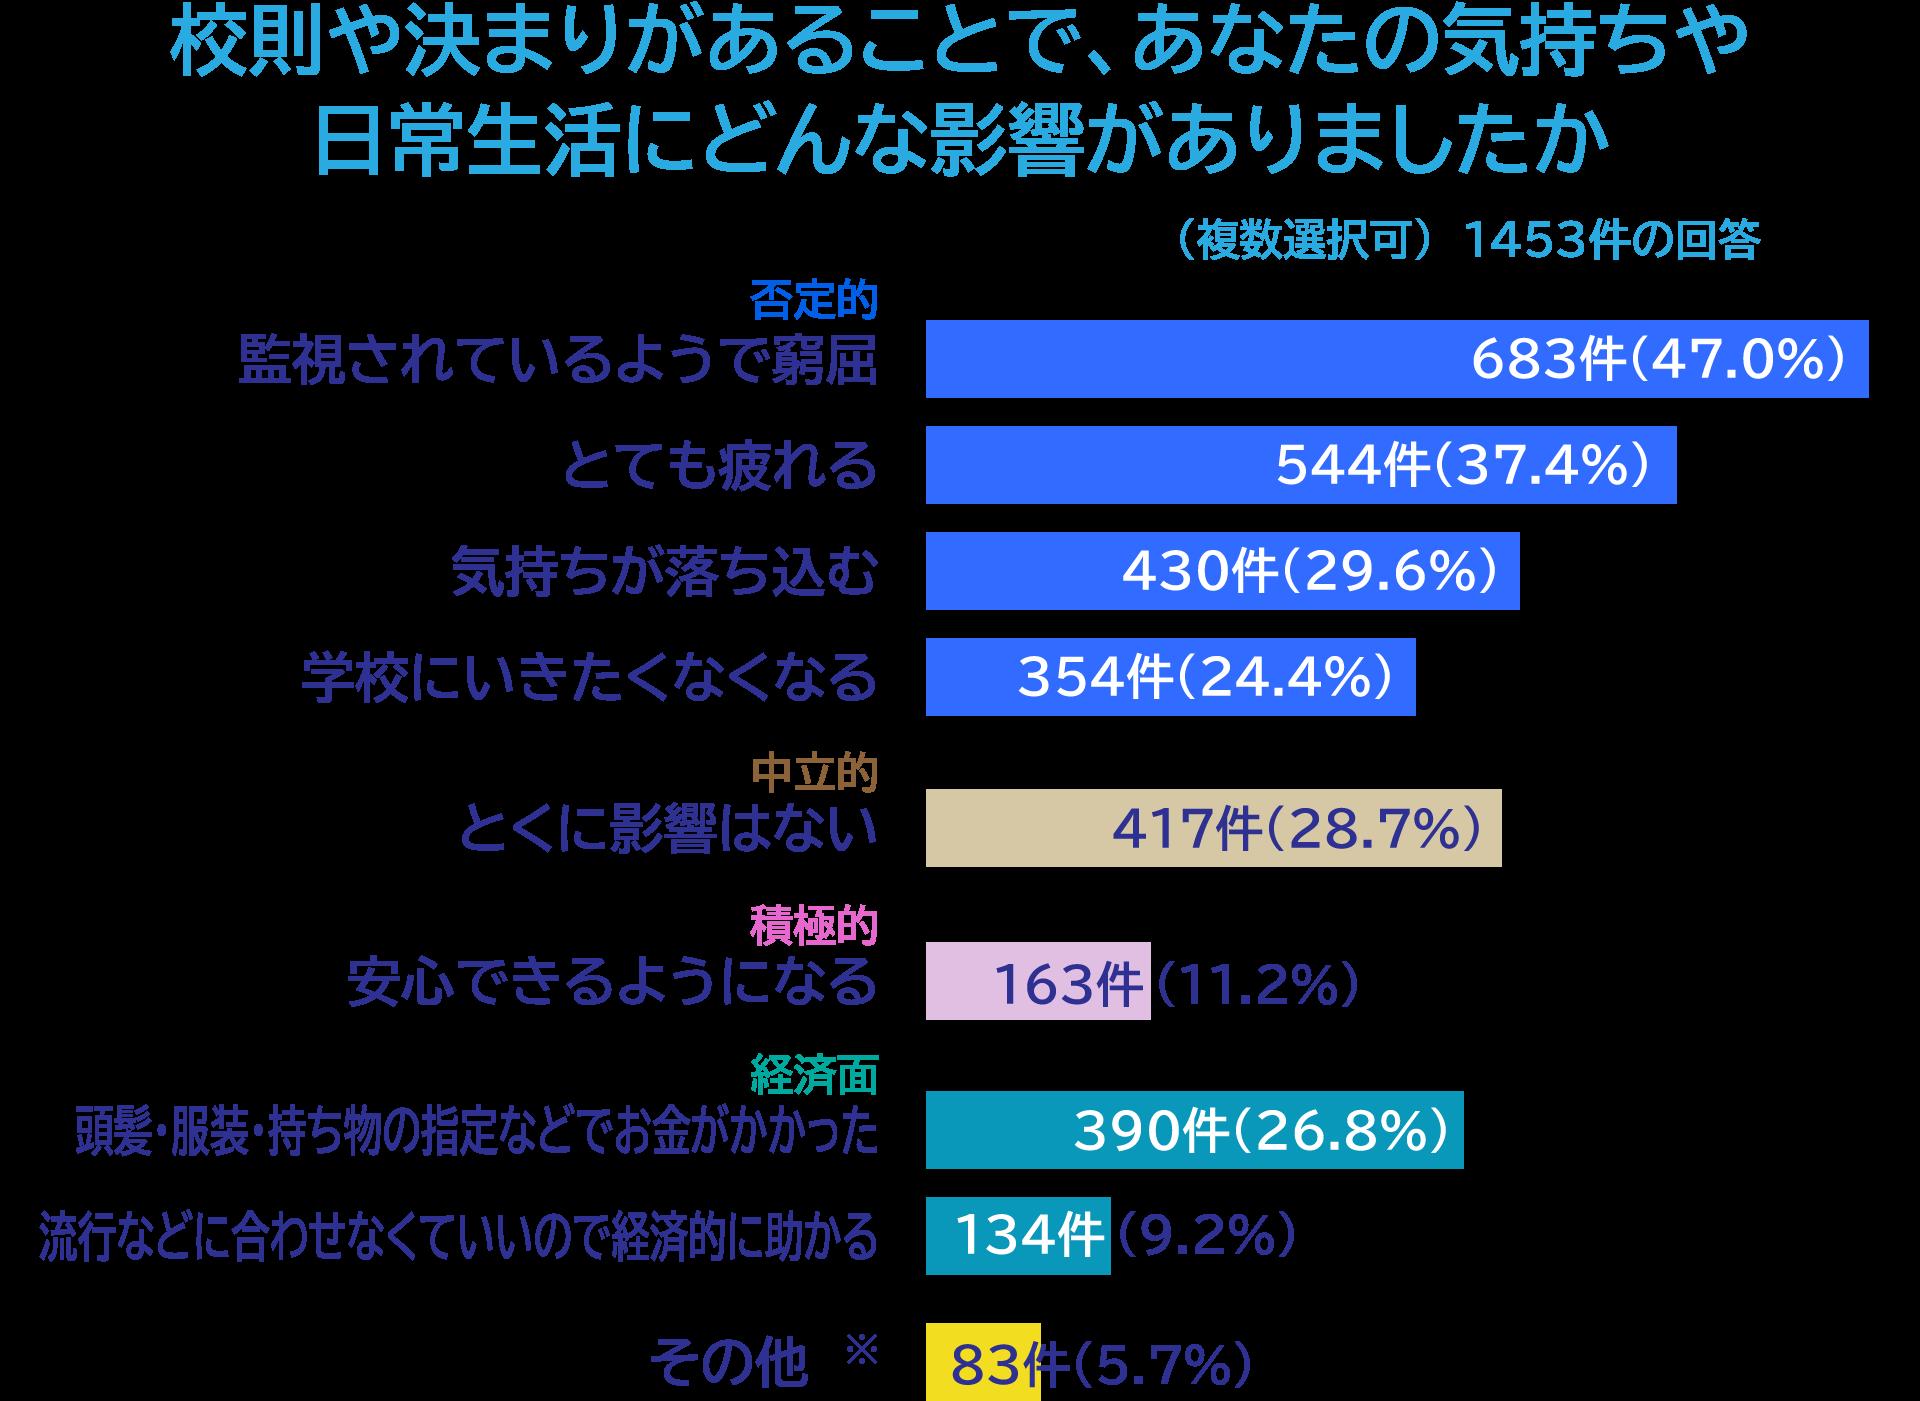 グラフ「校則や決まりがあることで、あなたの気持ちや日常生活にどんな影響がありましたか(複数選択可)」1453件の回答。監視されているようで窮屈(きゅうくつ) 683件(47.0%)、とても疲れる 544件(37.4%)、気持ちが落ち込む 430件(29.6%)、学校にいきたくなくなる 354件(24.4%)、とくに影響はない 417件(28.7%)、安心できるようになる 163件(11.2%)、頭髪・服装・持ち物の指定などでお金がかかった 390件(26.8%)、流行などに合わせなくていいので経済的に助かる 134件(9.2%)その他※ 83件(5.7%)